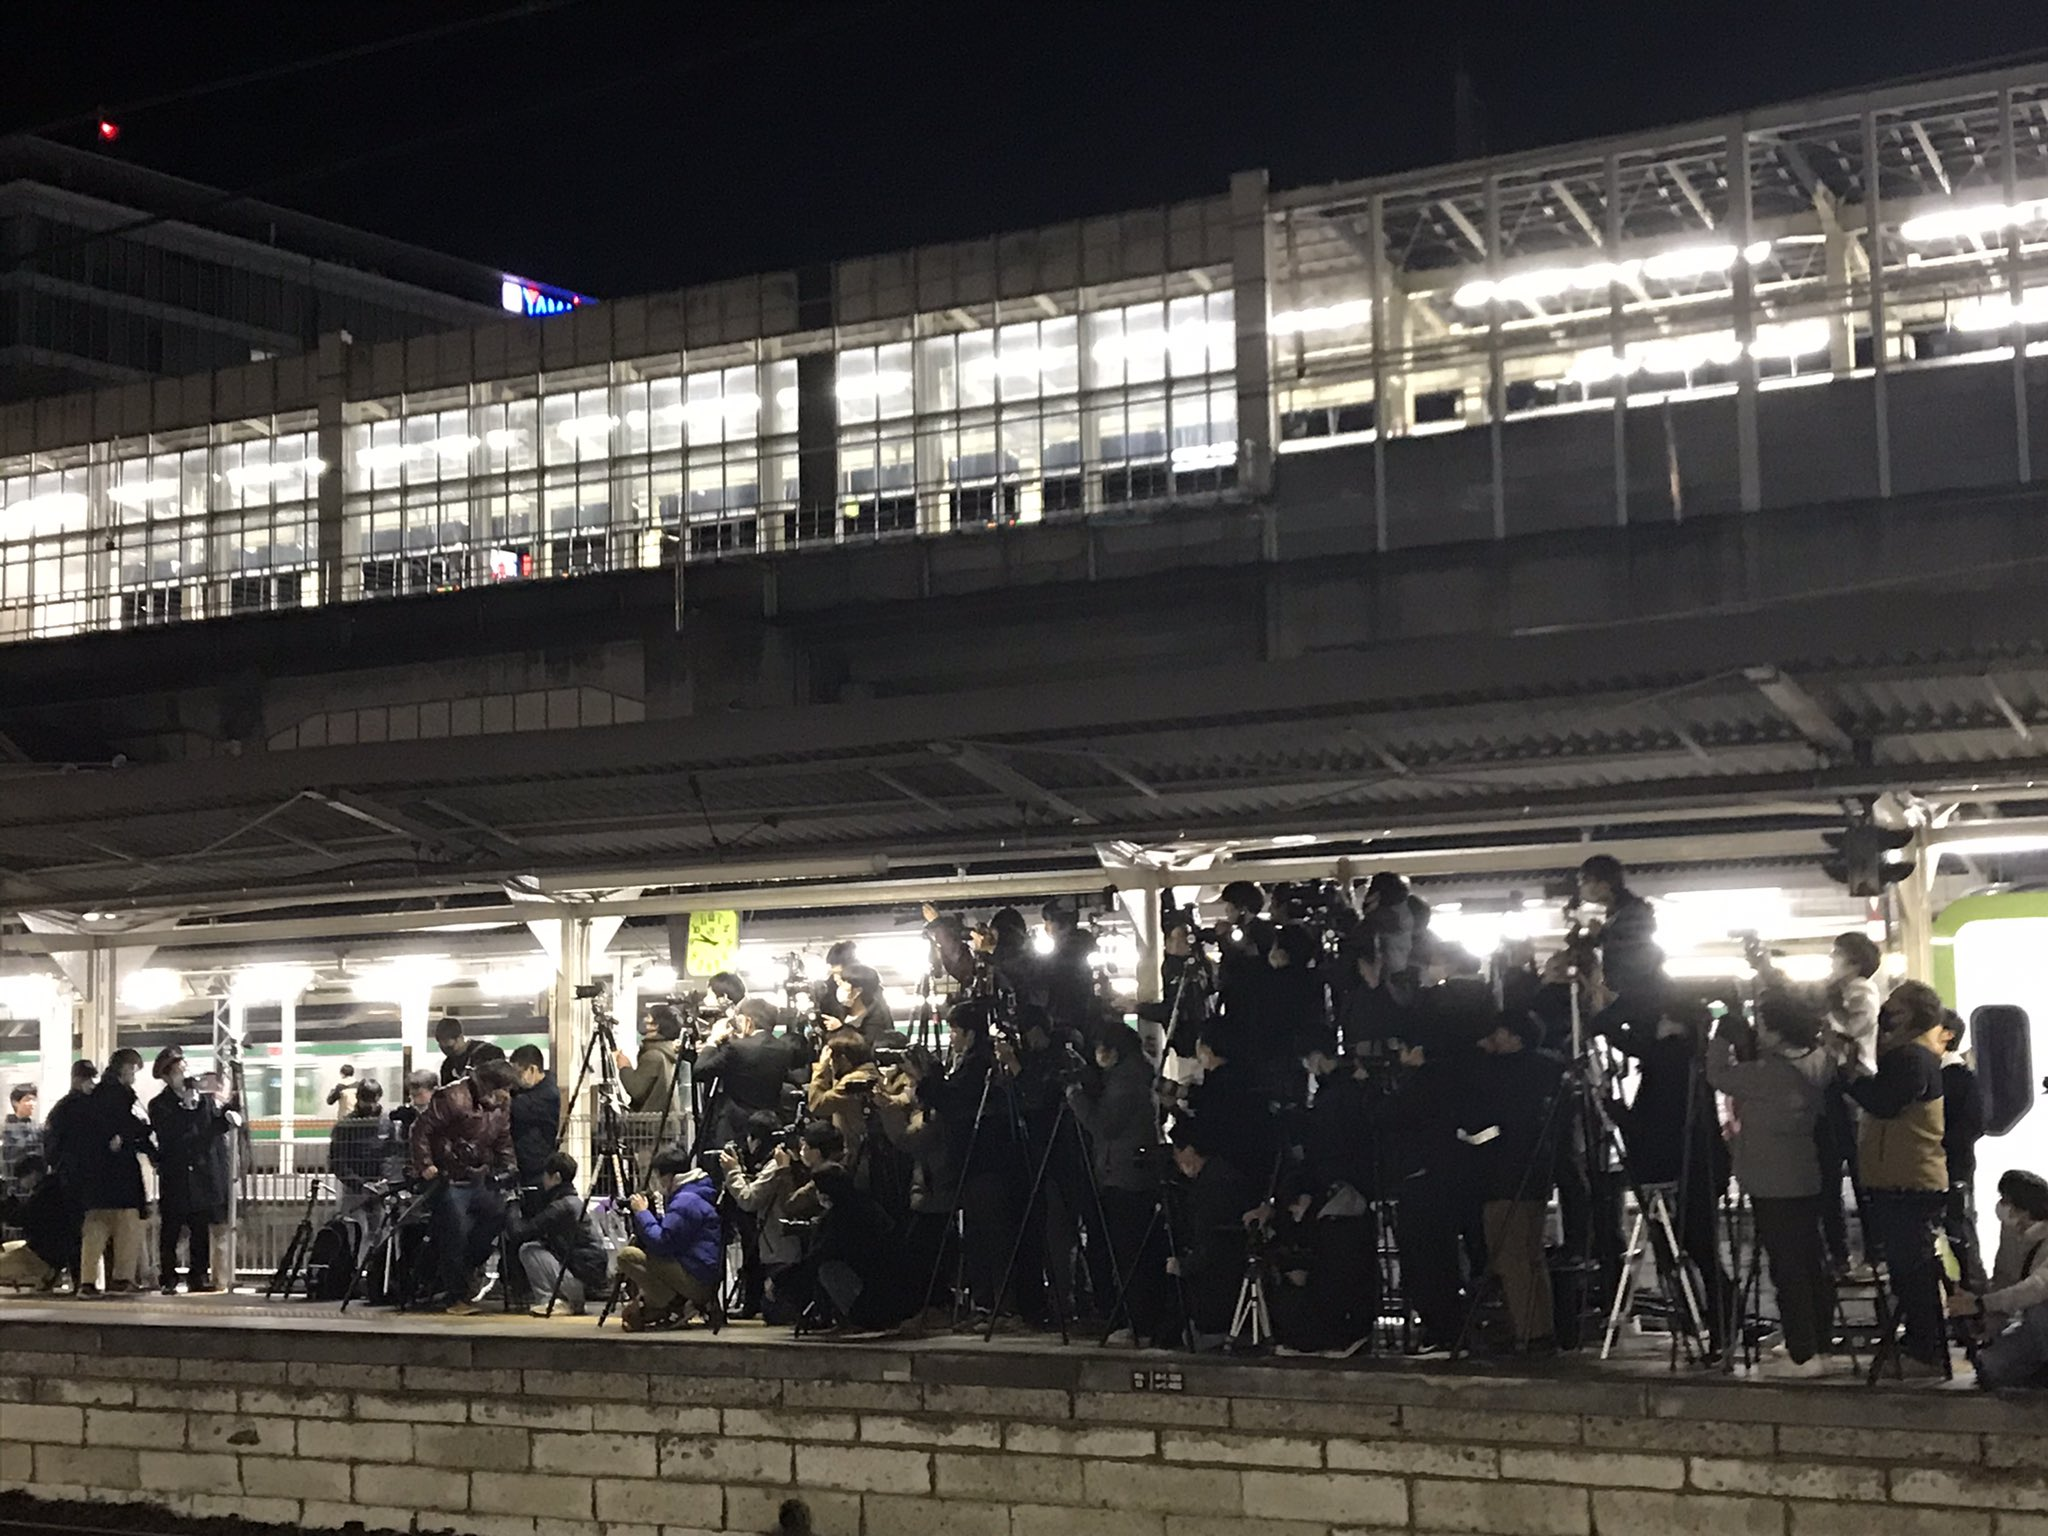 【大宮に蒸気機関車が3本】「SLぐんま」のC61-20が検査のためOMに入場配給 撮影で高崎駅が大混雑